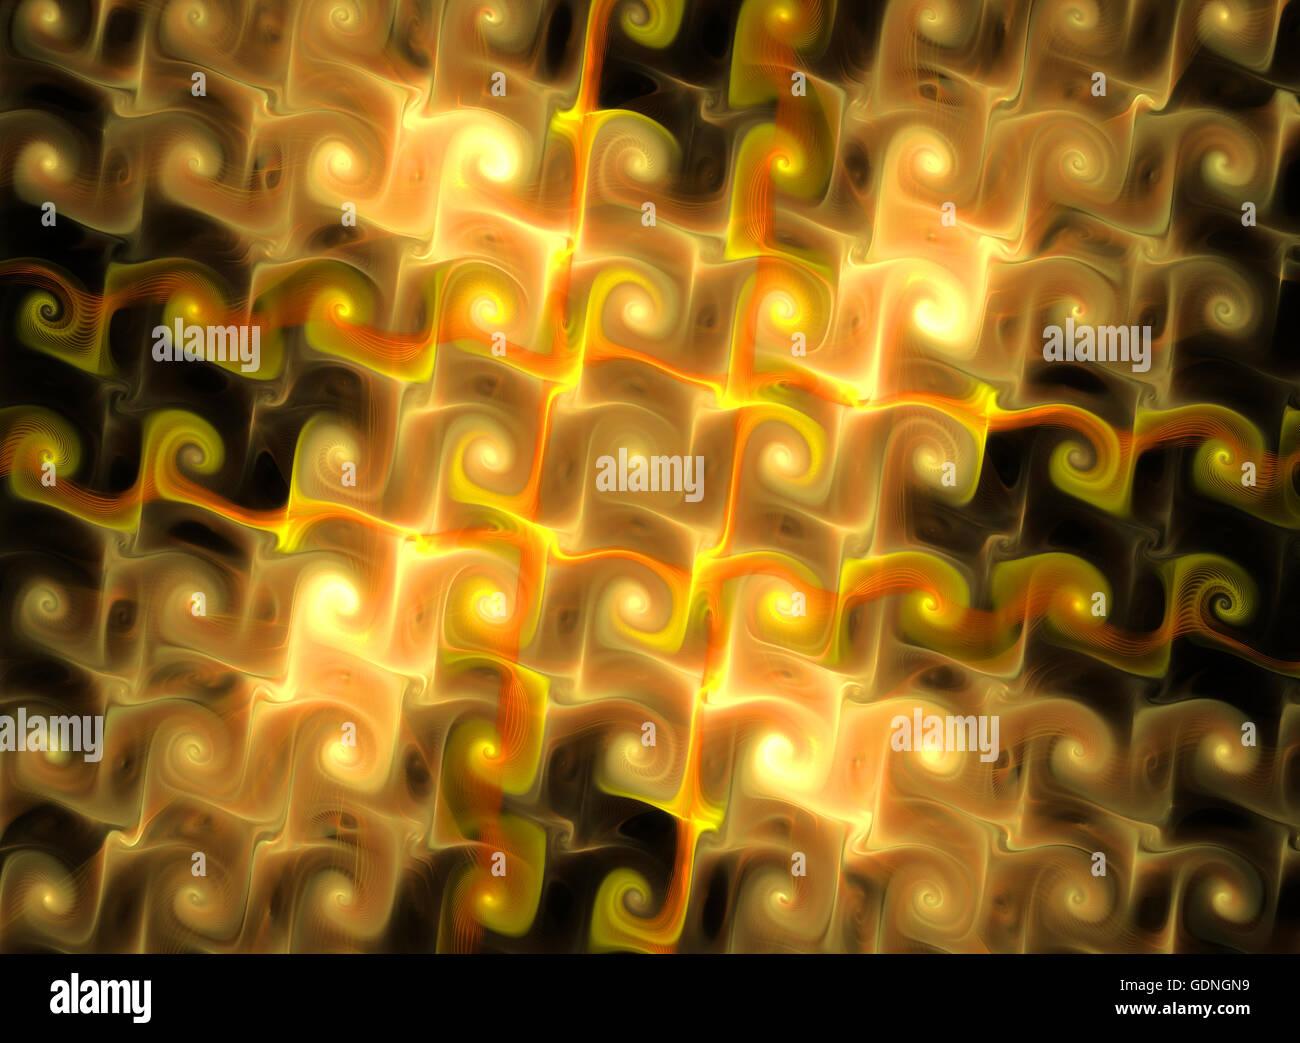 Abstrakt Fantasy gelb strukturierten Hintergrund. Computer generierte Fraktale in der gelben Farbe Stockbild